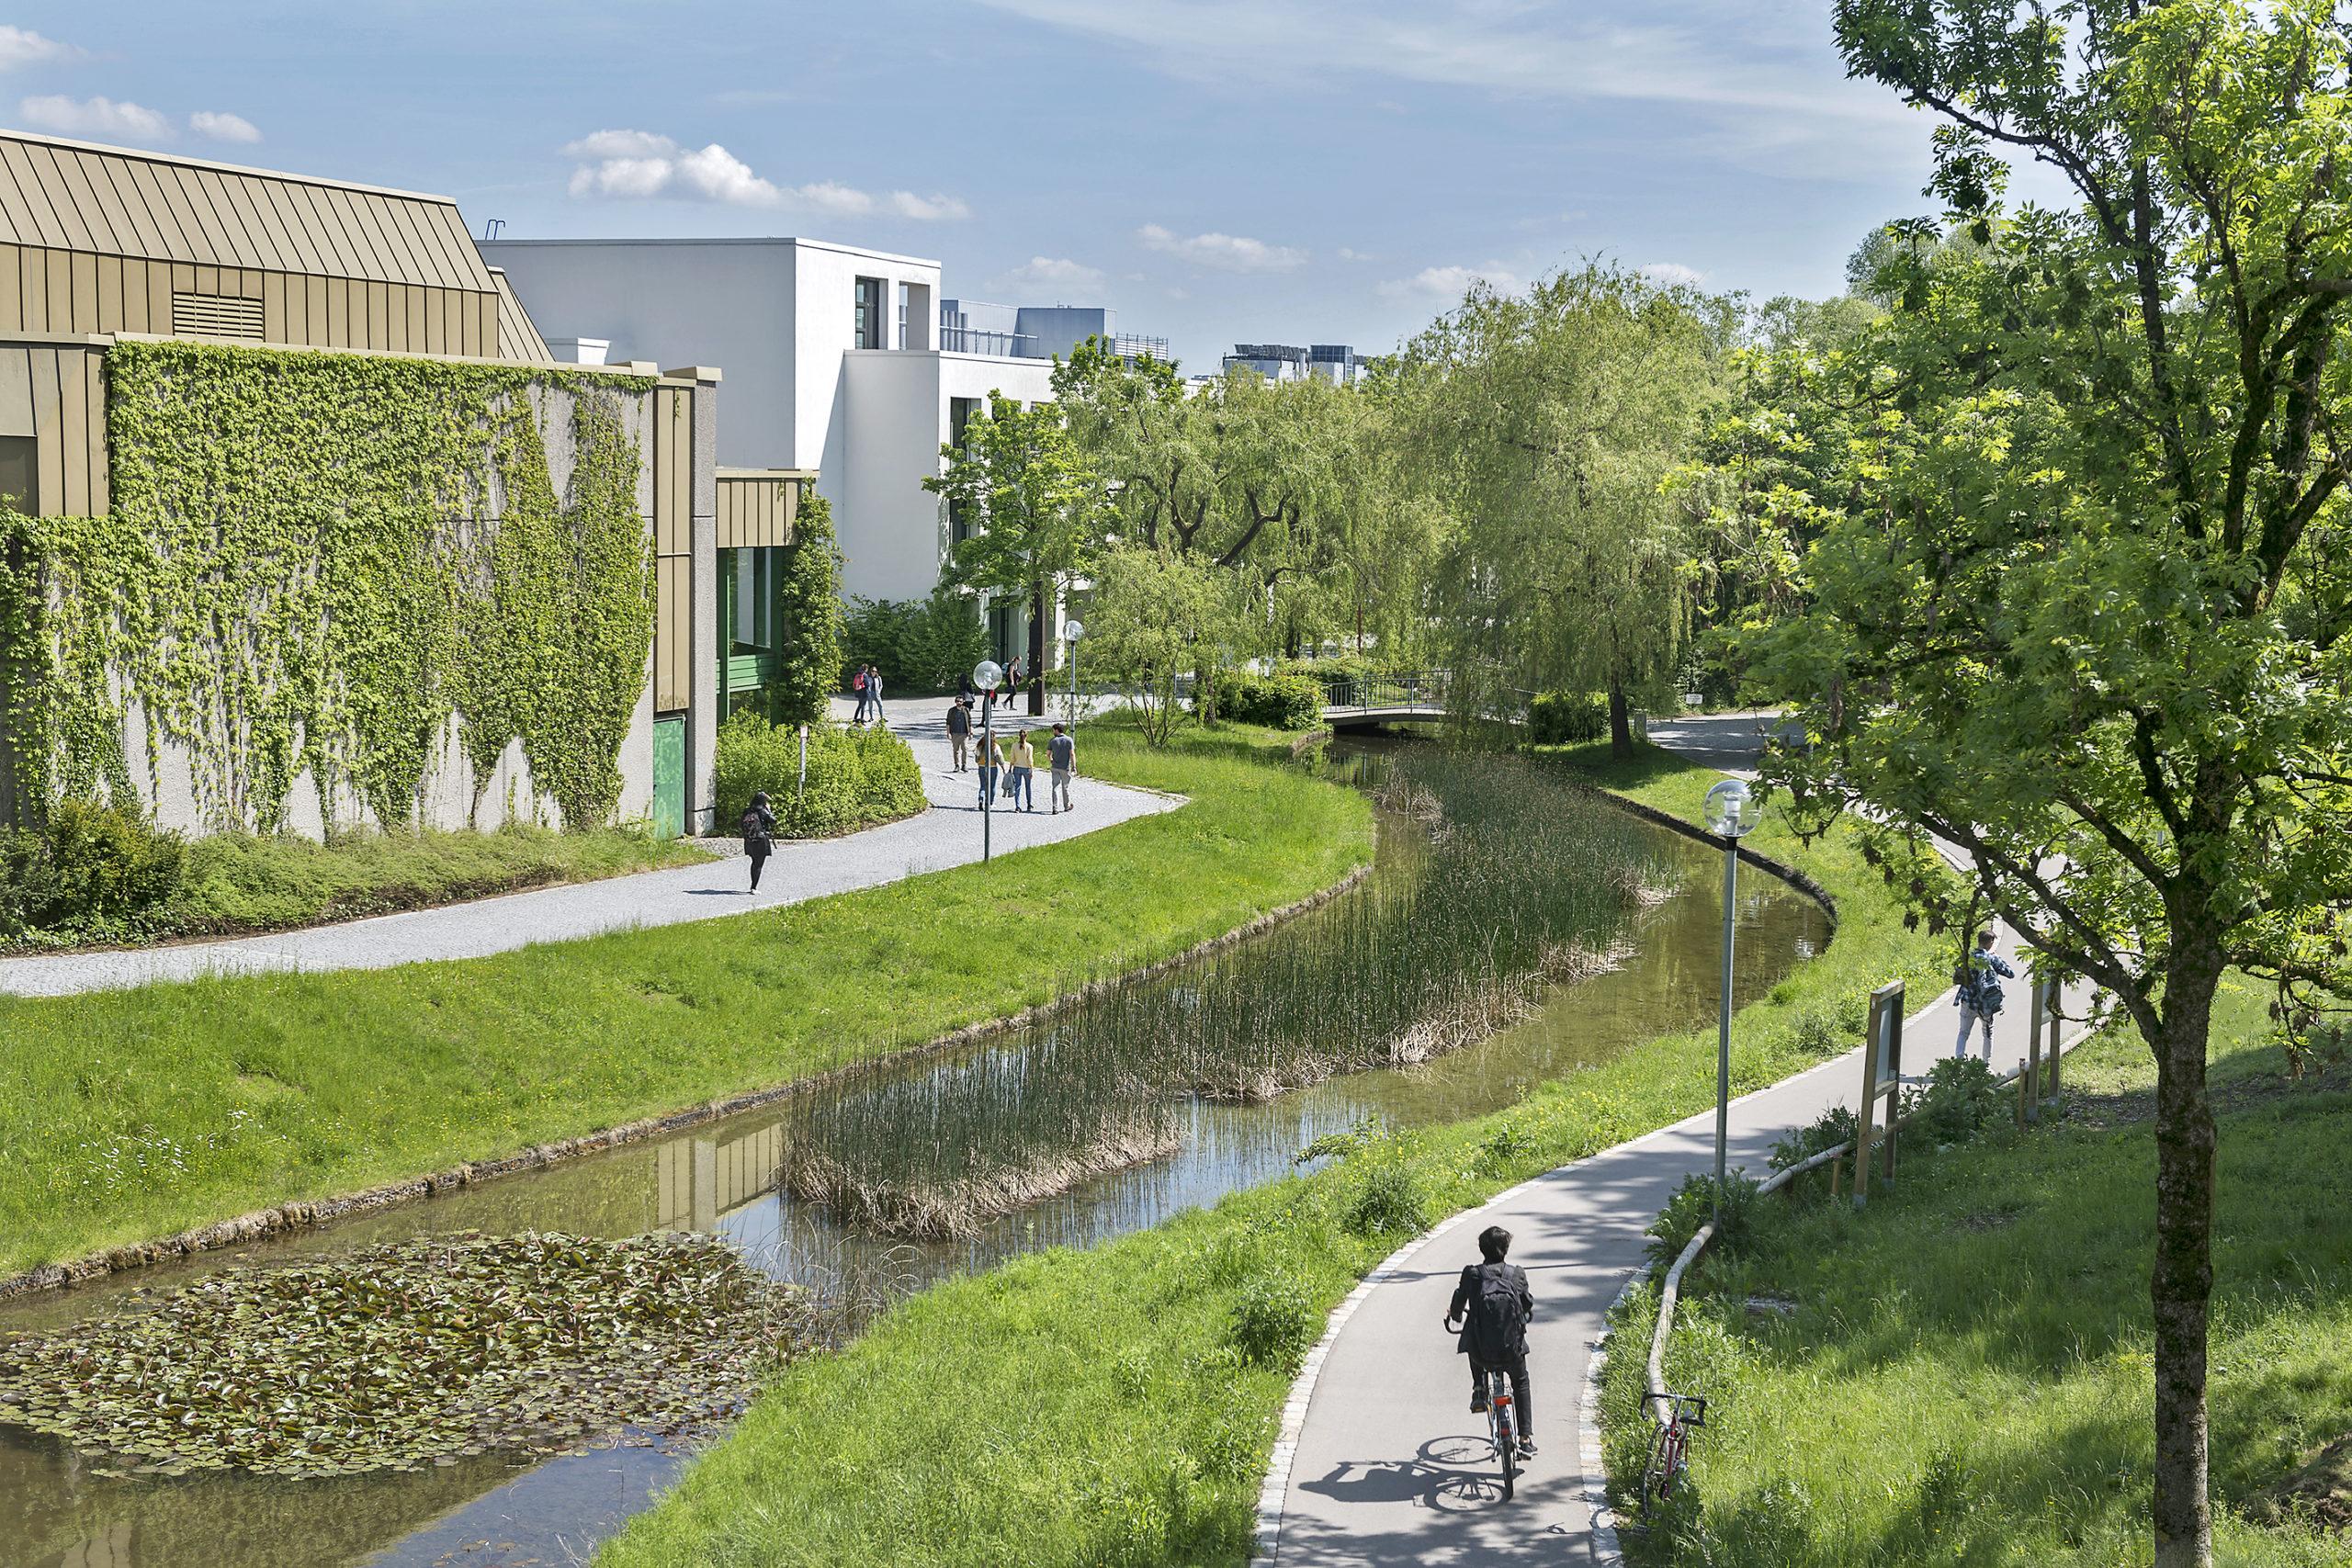 Der grüne Campus mit seinen kurzen Wegen ist das Markenzeichen der Universität Augsburg.